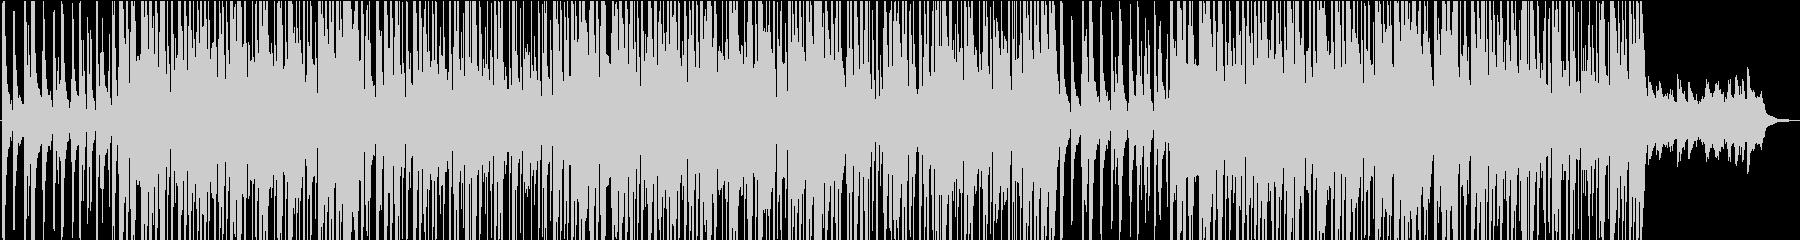 1970年代のスタイルのスムースジャズの未再生の波形